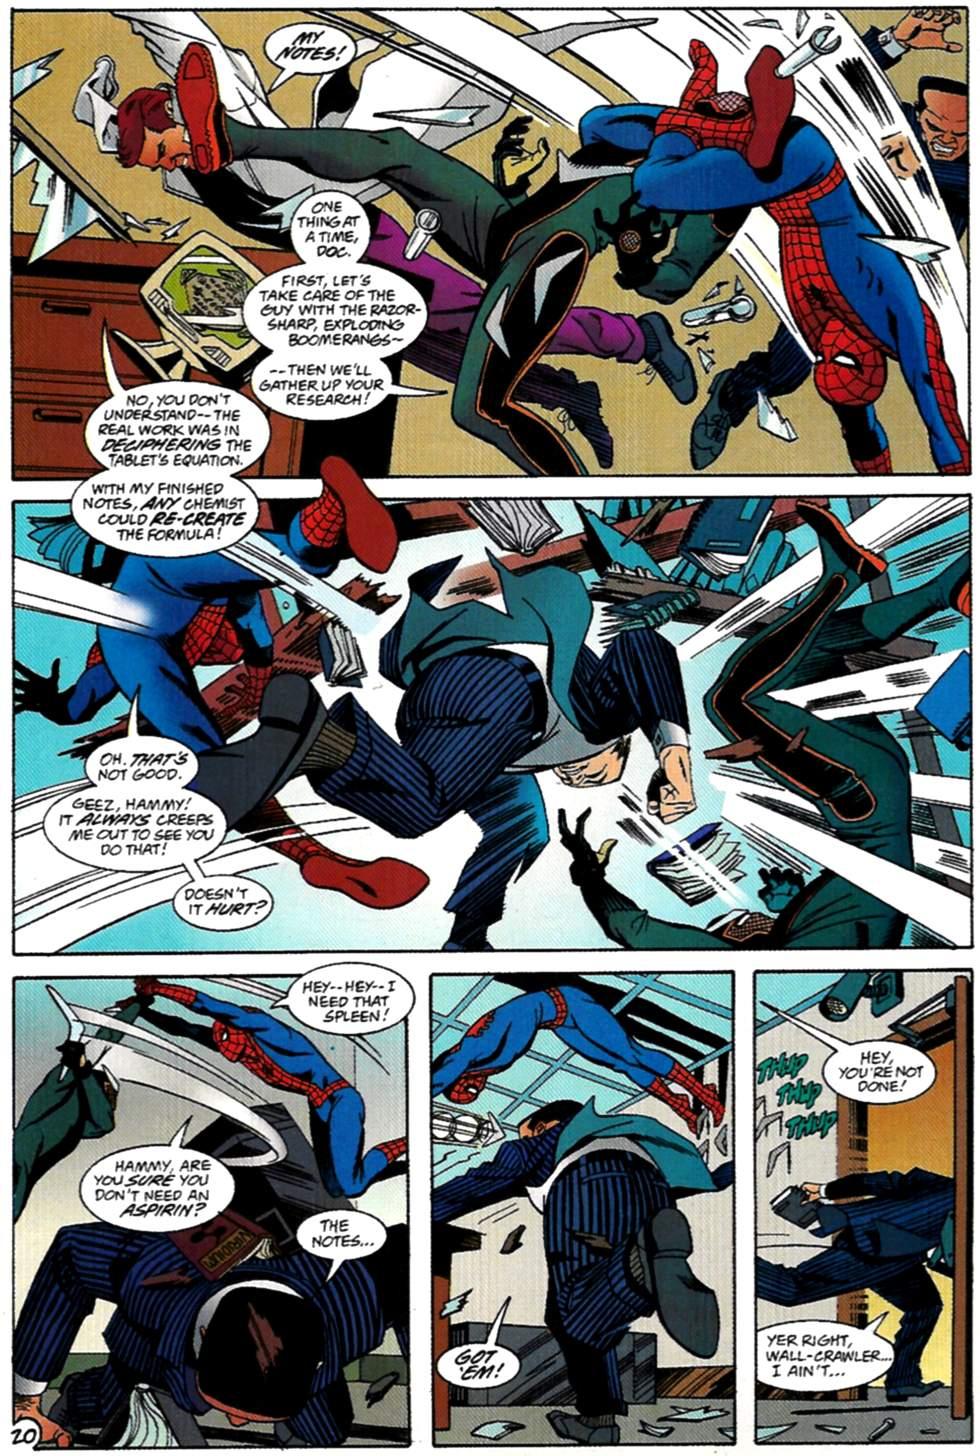 Read online Spider-Man: Lifeline comic -  Issue #2 - 21